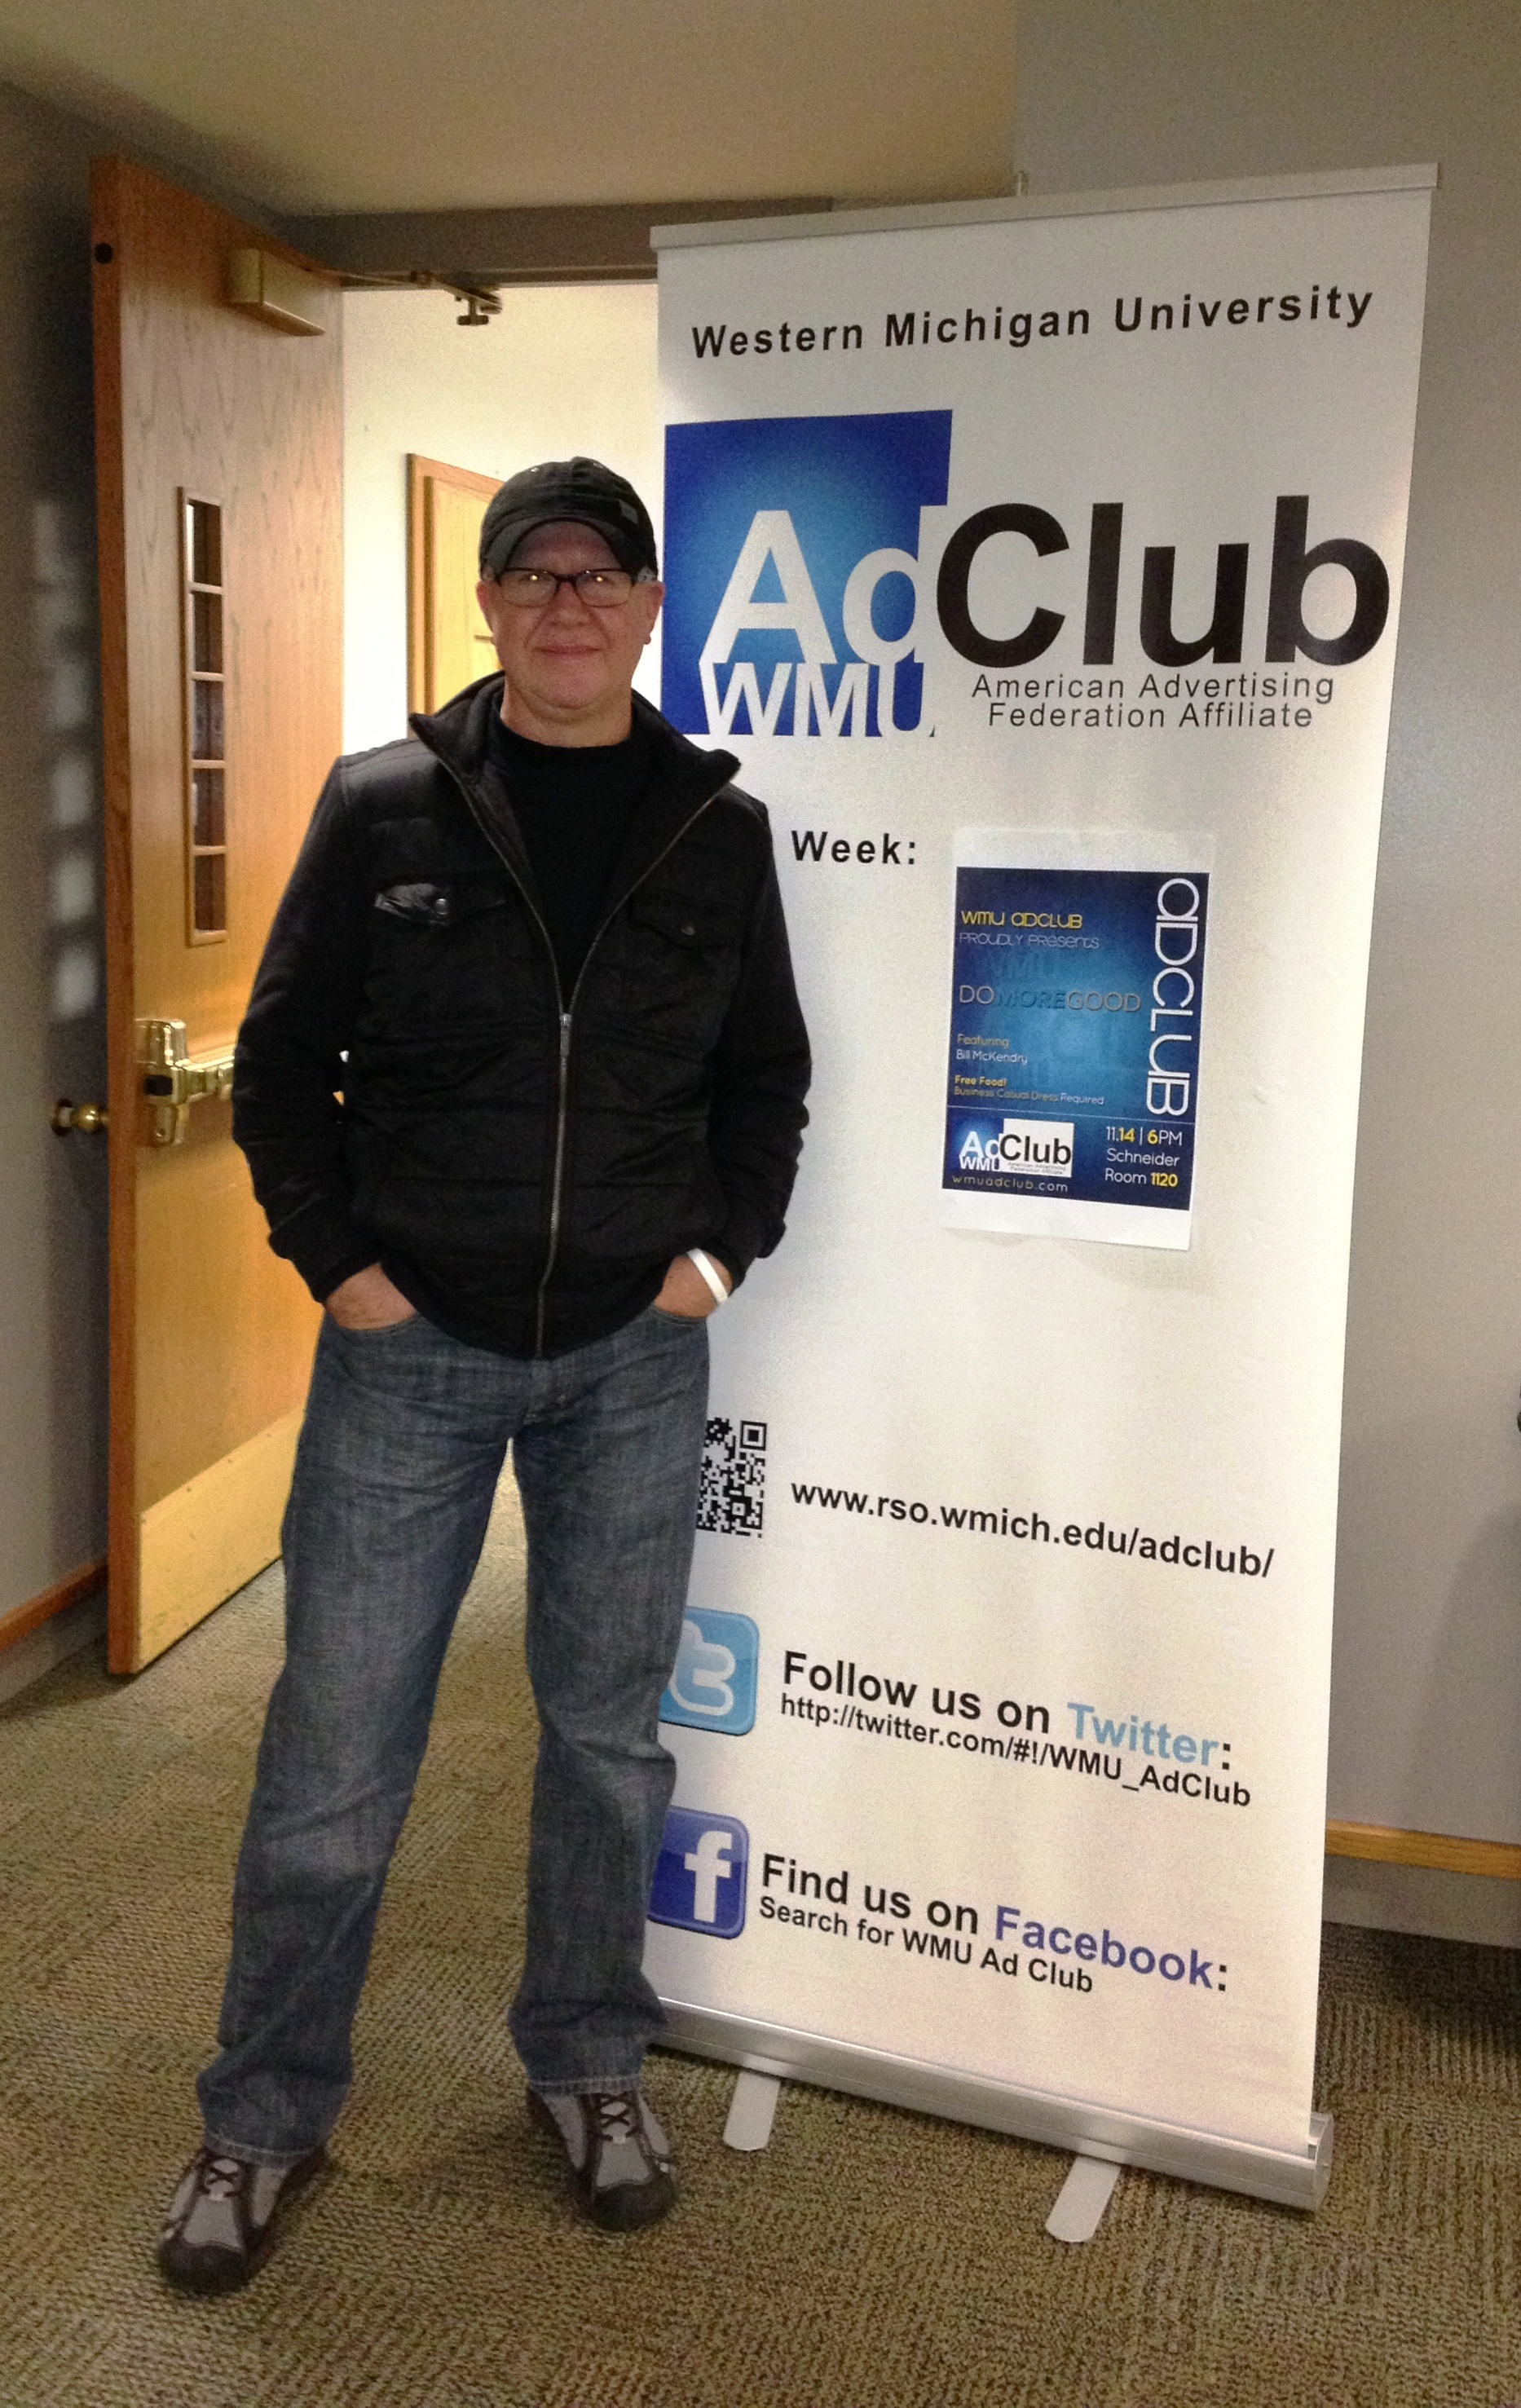 Bill+McKendry+at+AdClub